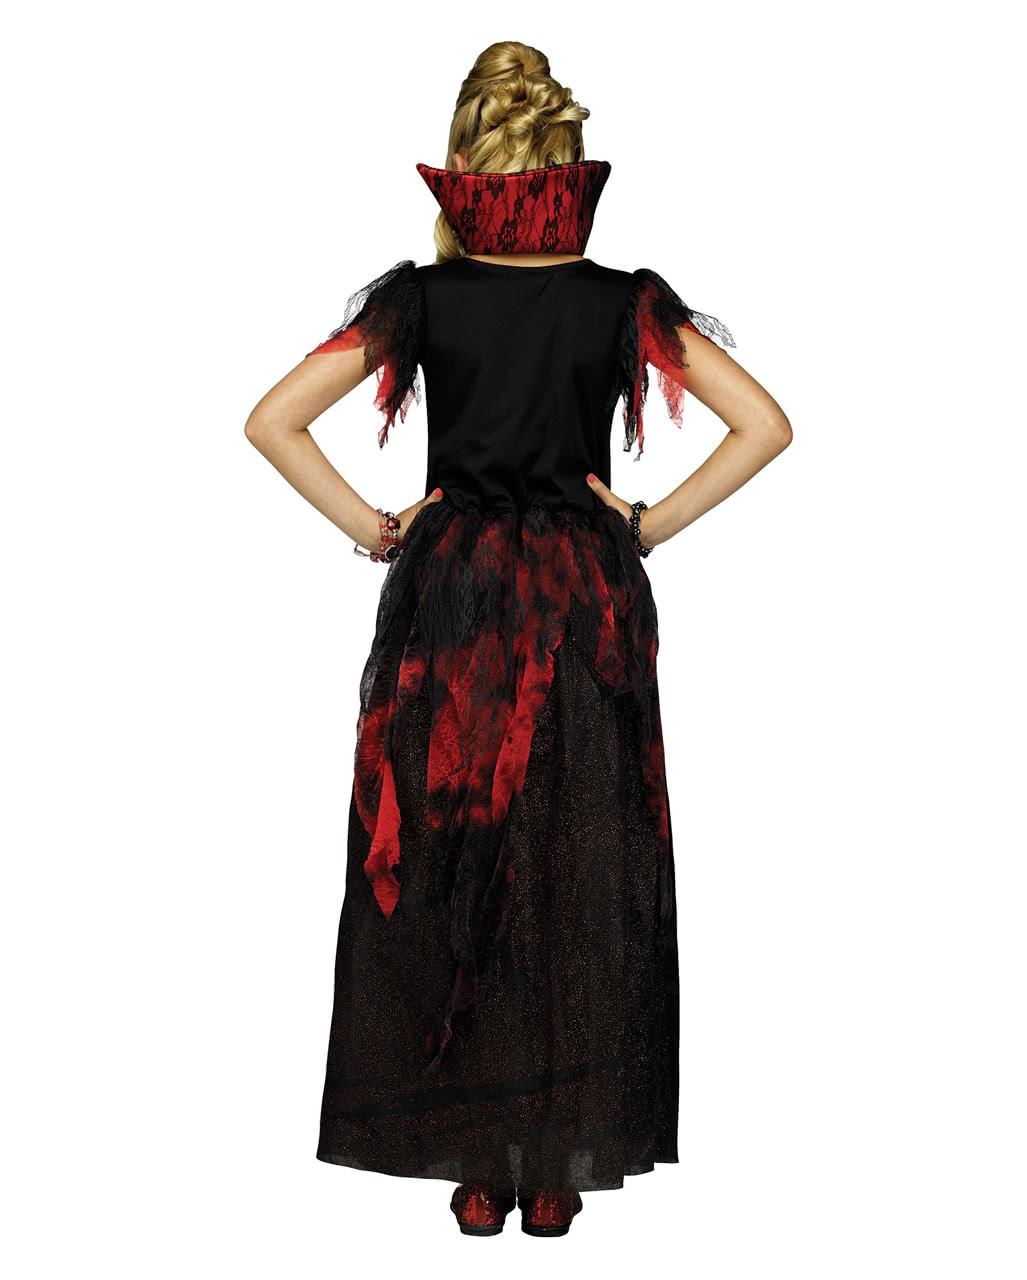 Vampire Countess Child Costume | Halloween costume ...